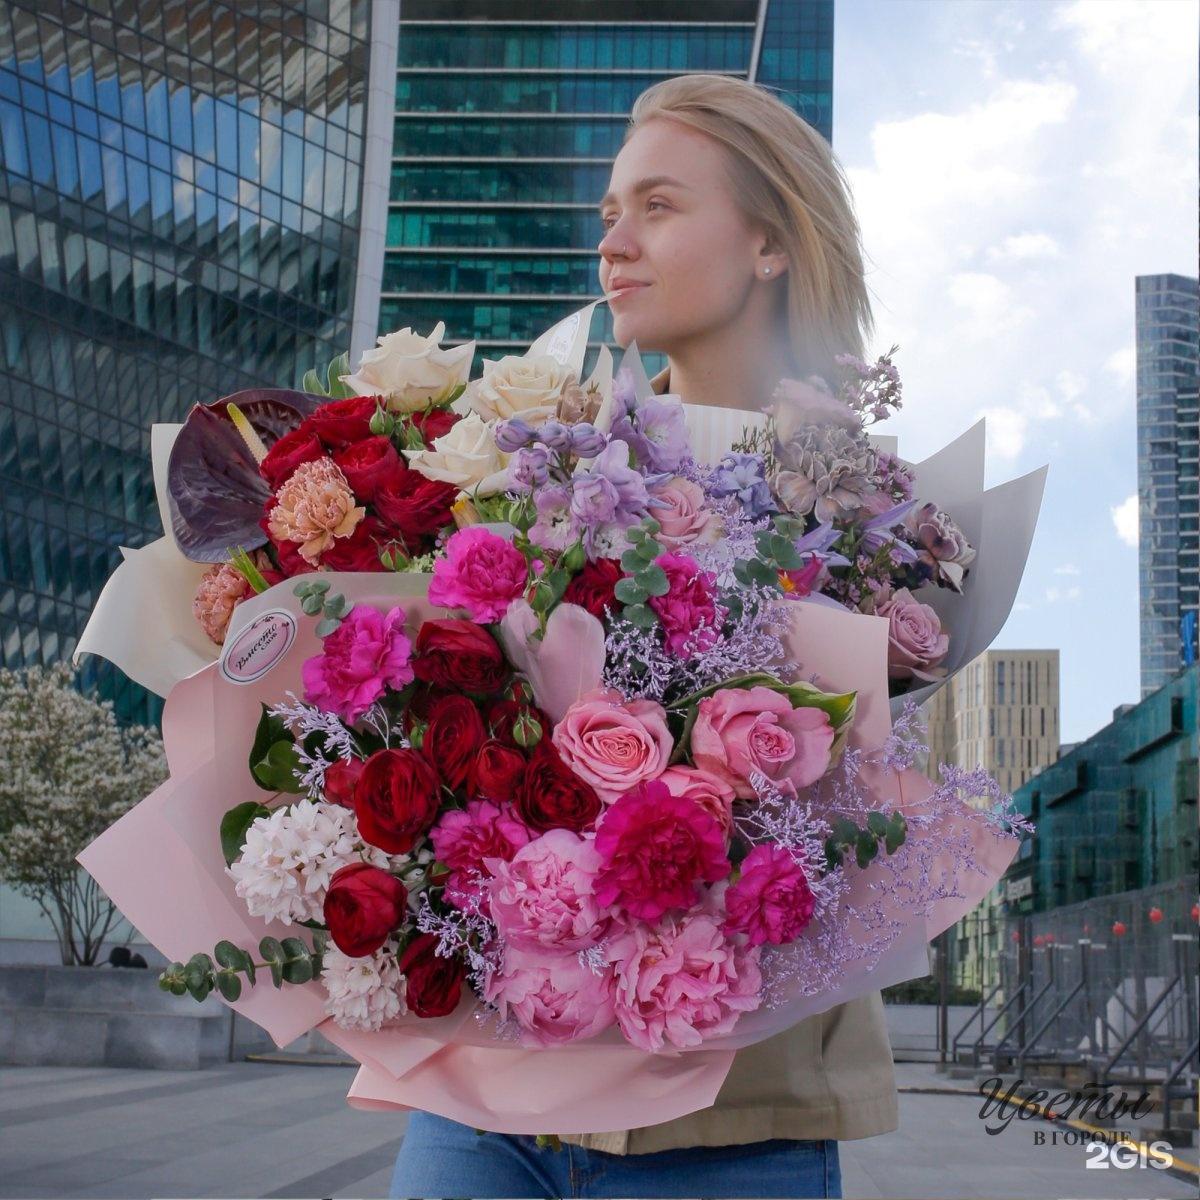 Доставка цветов в городе черновцы, цветов оптом